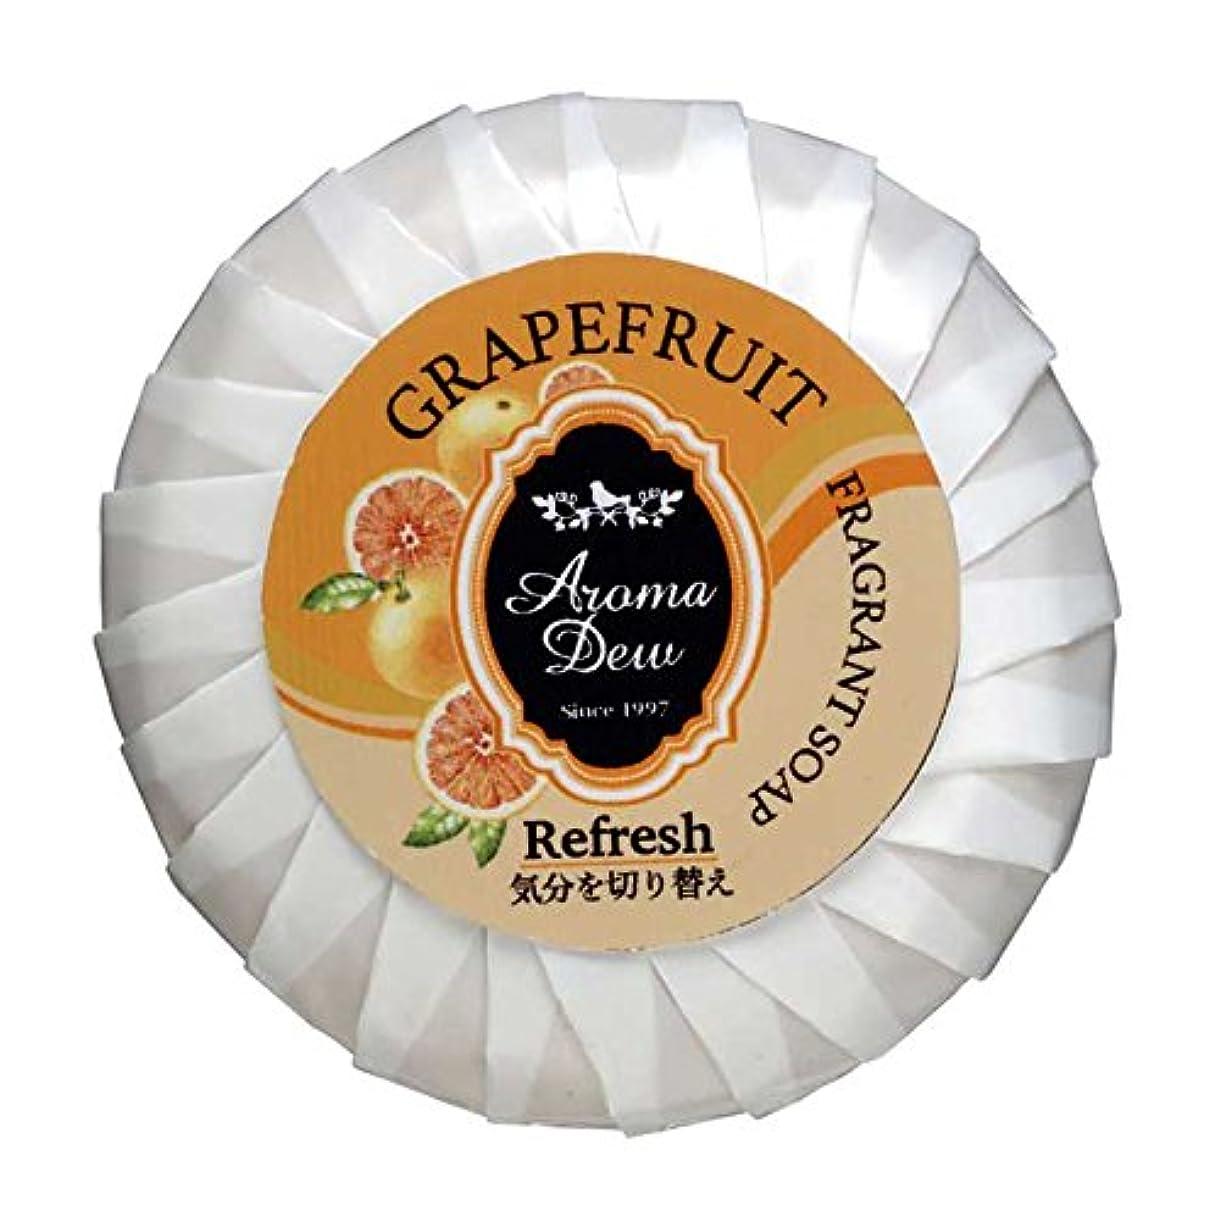 洞察力のある名誉減らすアロマデュウ フレグラントソープ グレープフルーツの香り 100g